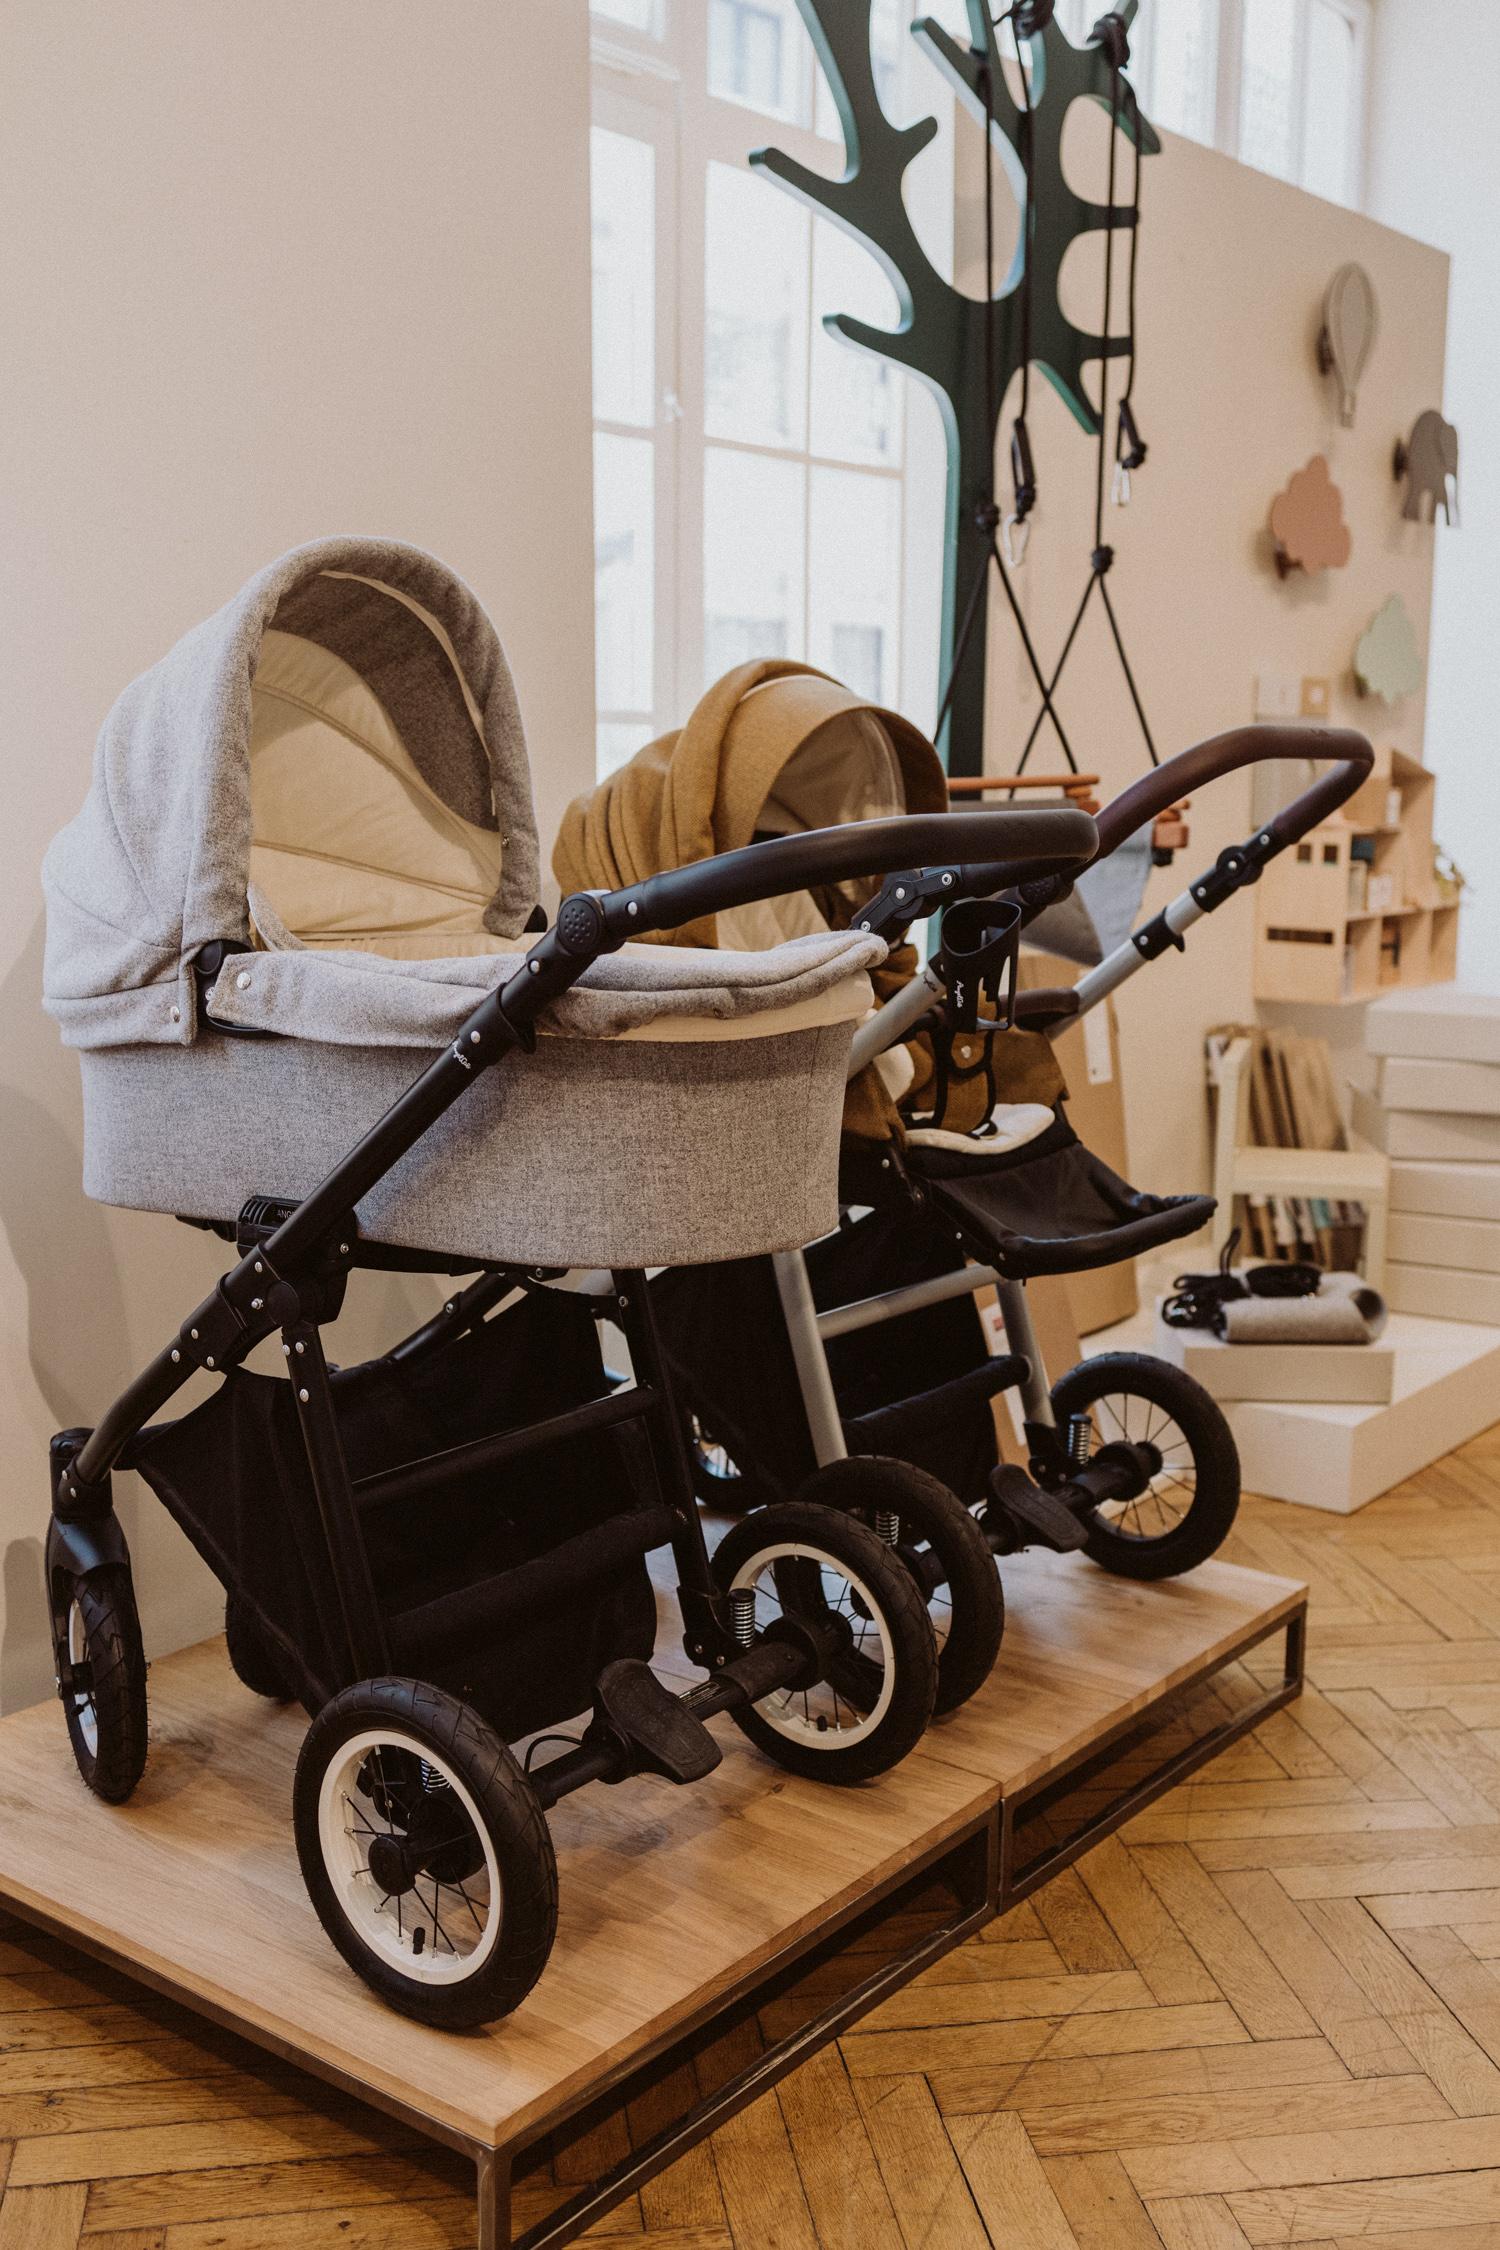 Herr Und Frau Klein Kindergeschäft in Wien